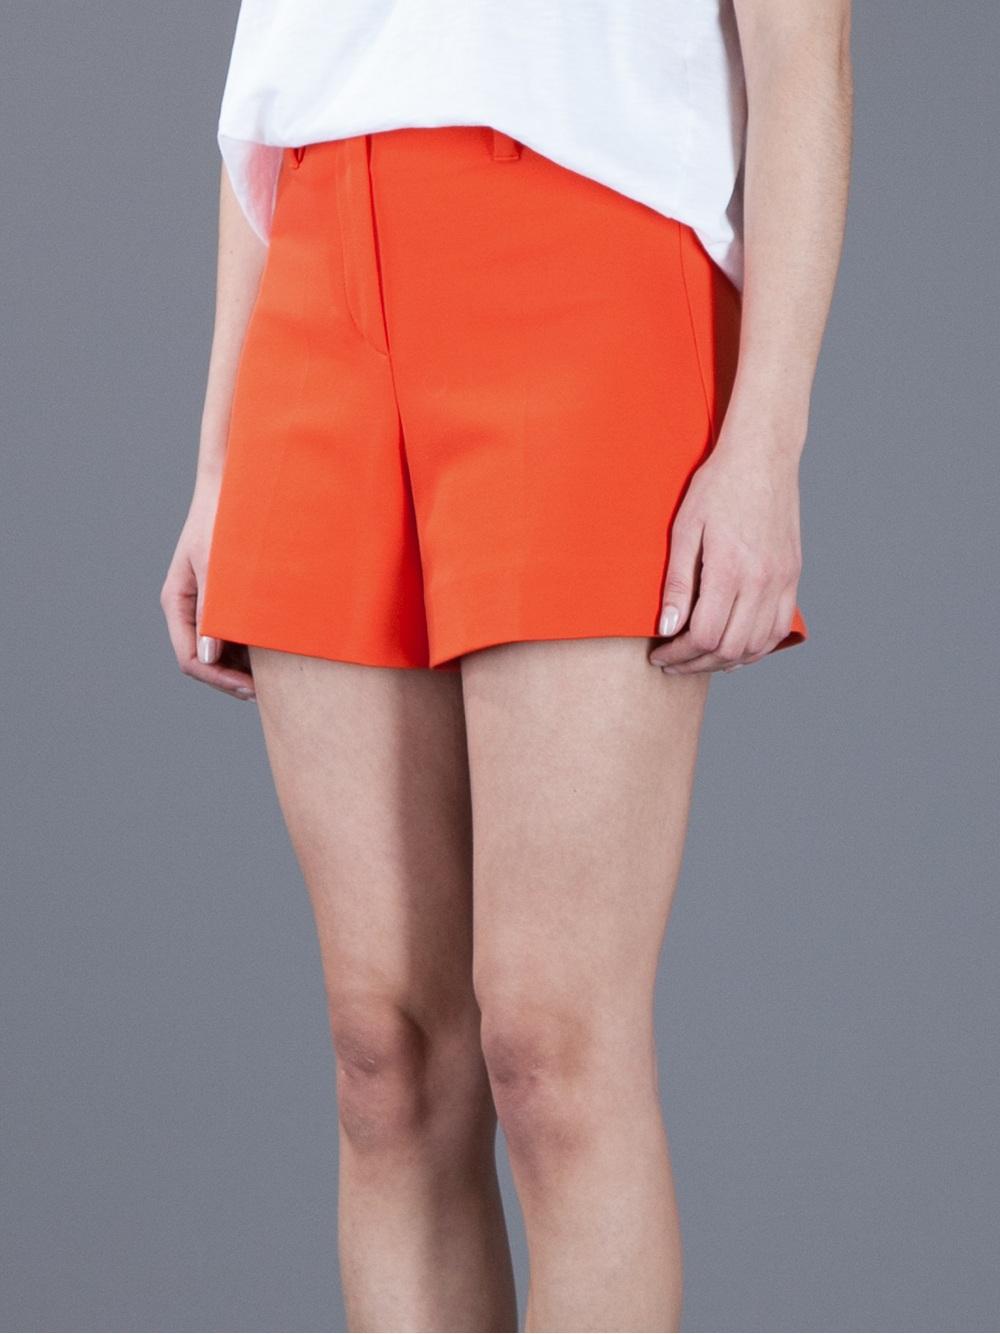 Sonia by sonia rykiel High Waisted Shorts in Orange | Lyst